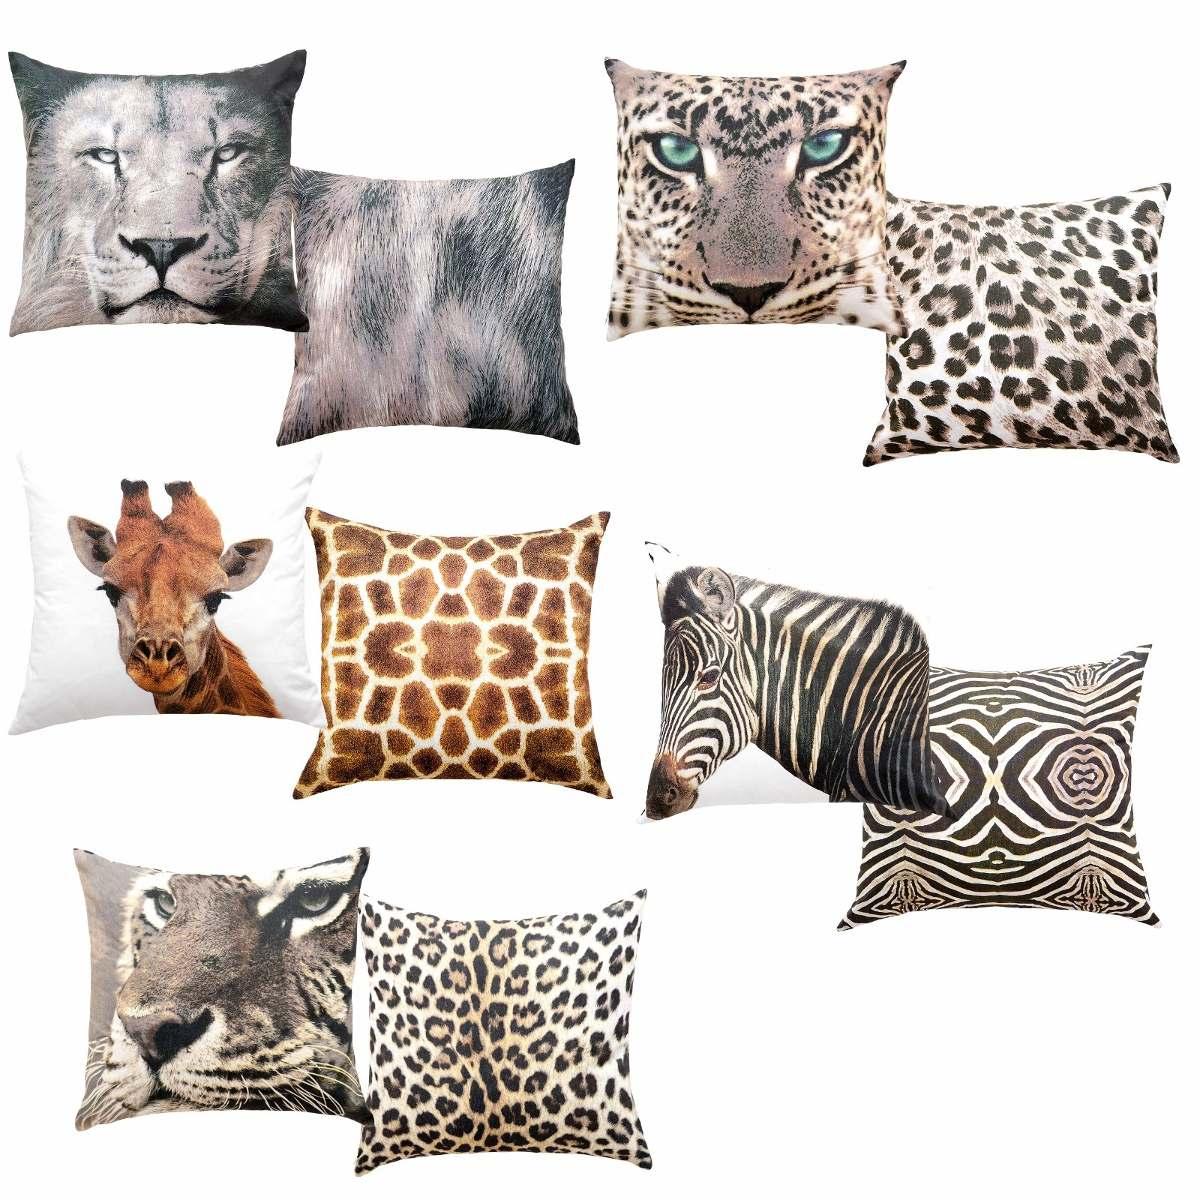 a12eb3c1ac3dbd 6 Capas Almofada Animal 2 Zebra 2 Leão 2 Onça - Kacyumara